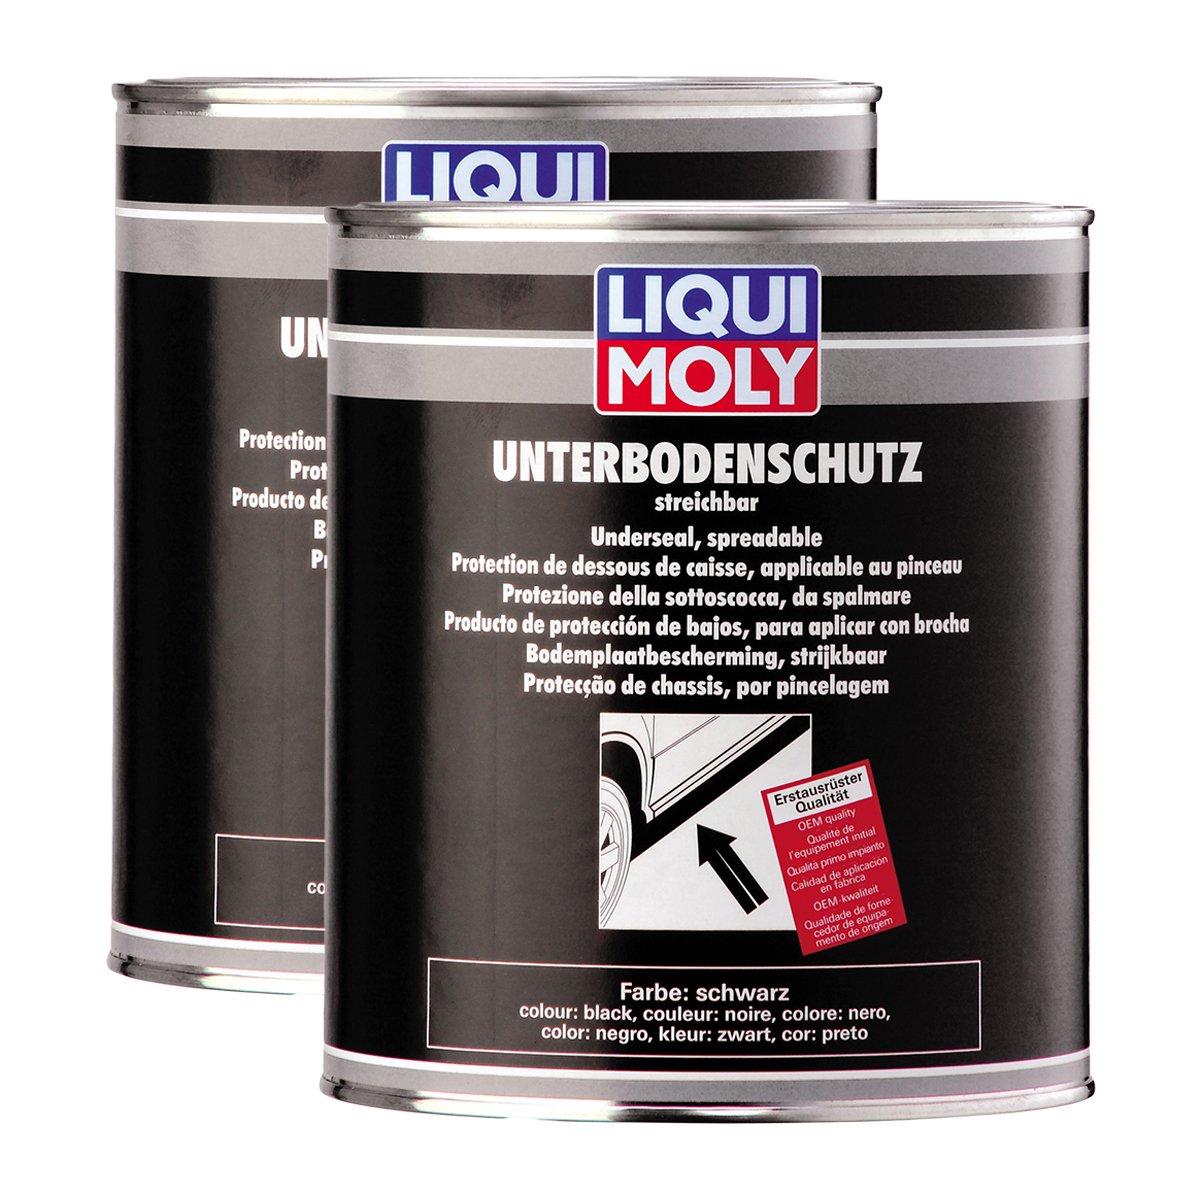 2X LIQUI Moly 6119 Unterbodenschutz streichbar schwarz Korrosionsschutz Dose 2kg